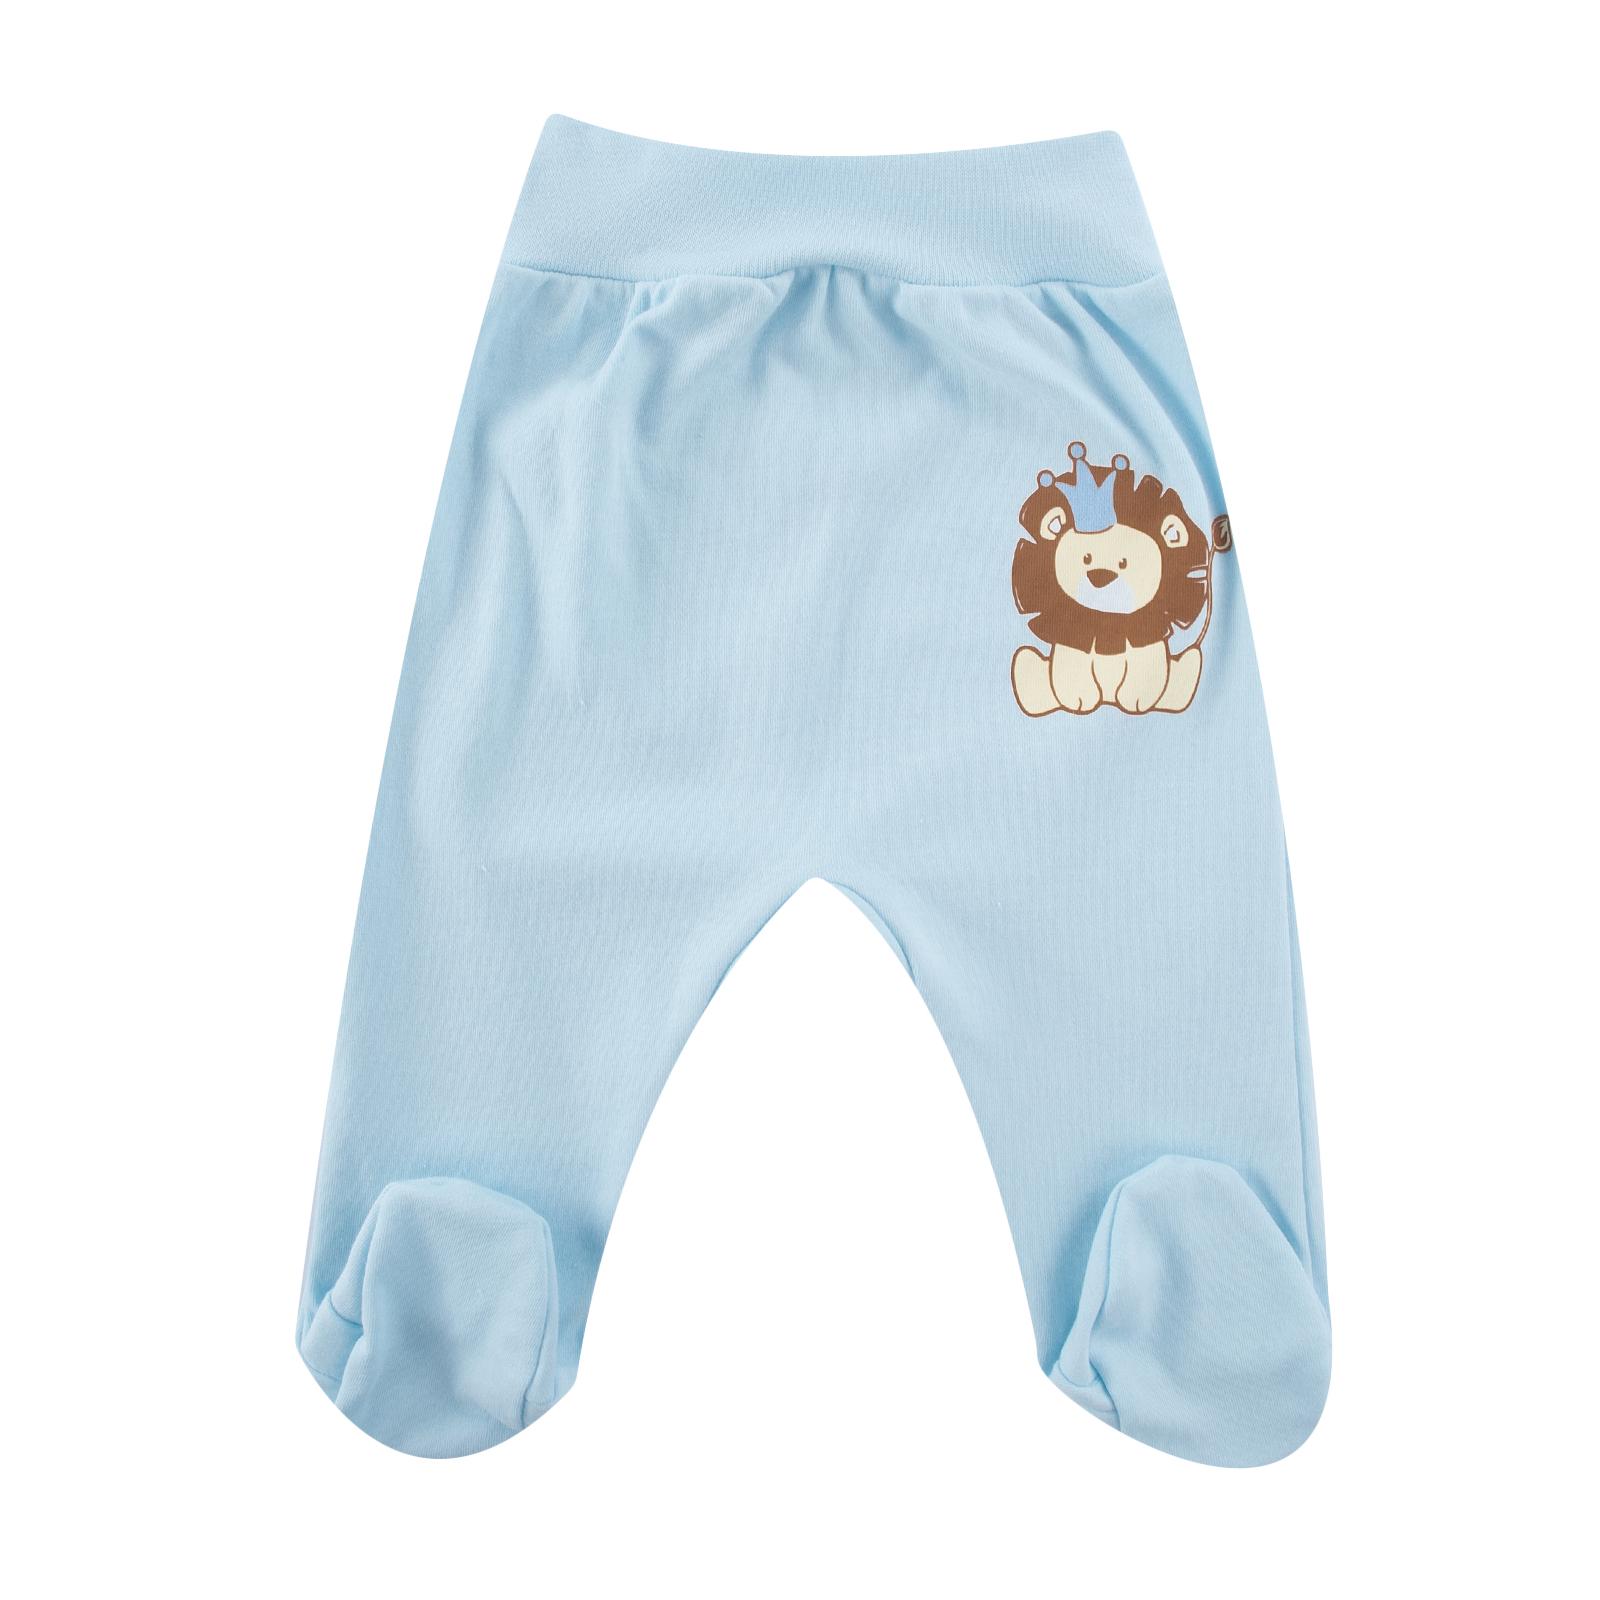 Ползунки КОТМАРКОТ для мальчика, цвет голубой 9-12 мес (размер 80)<br>